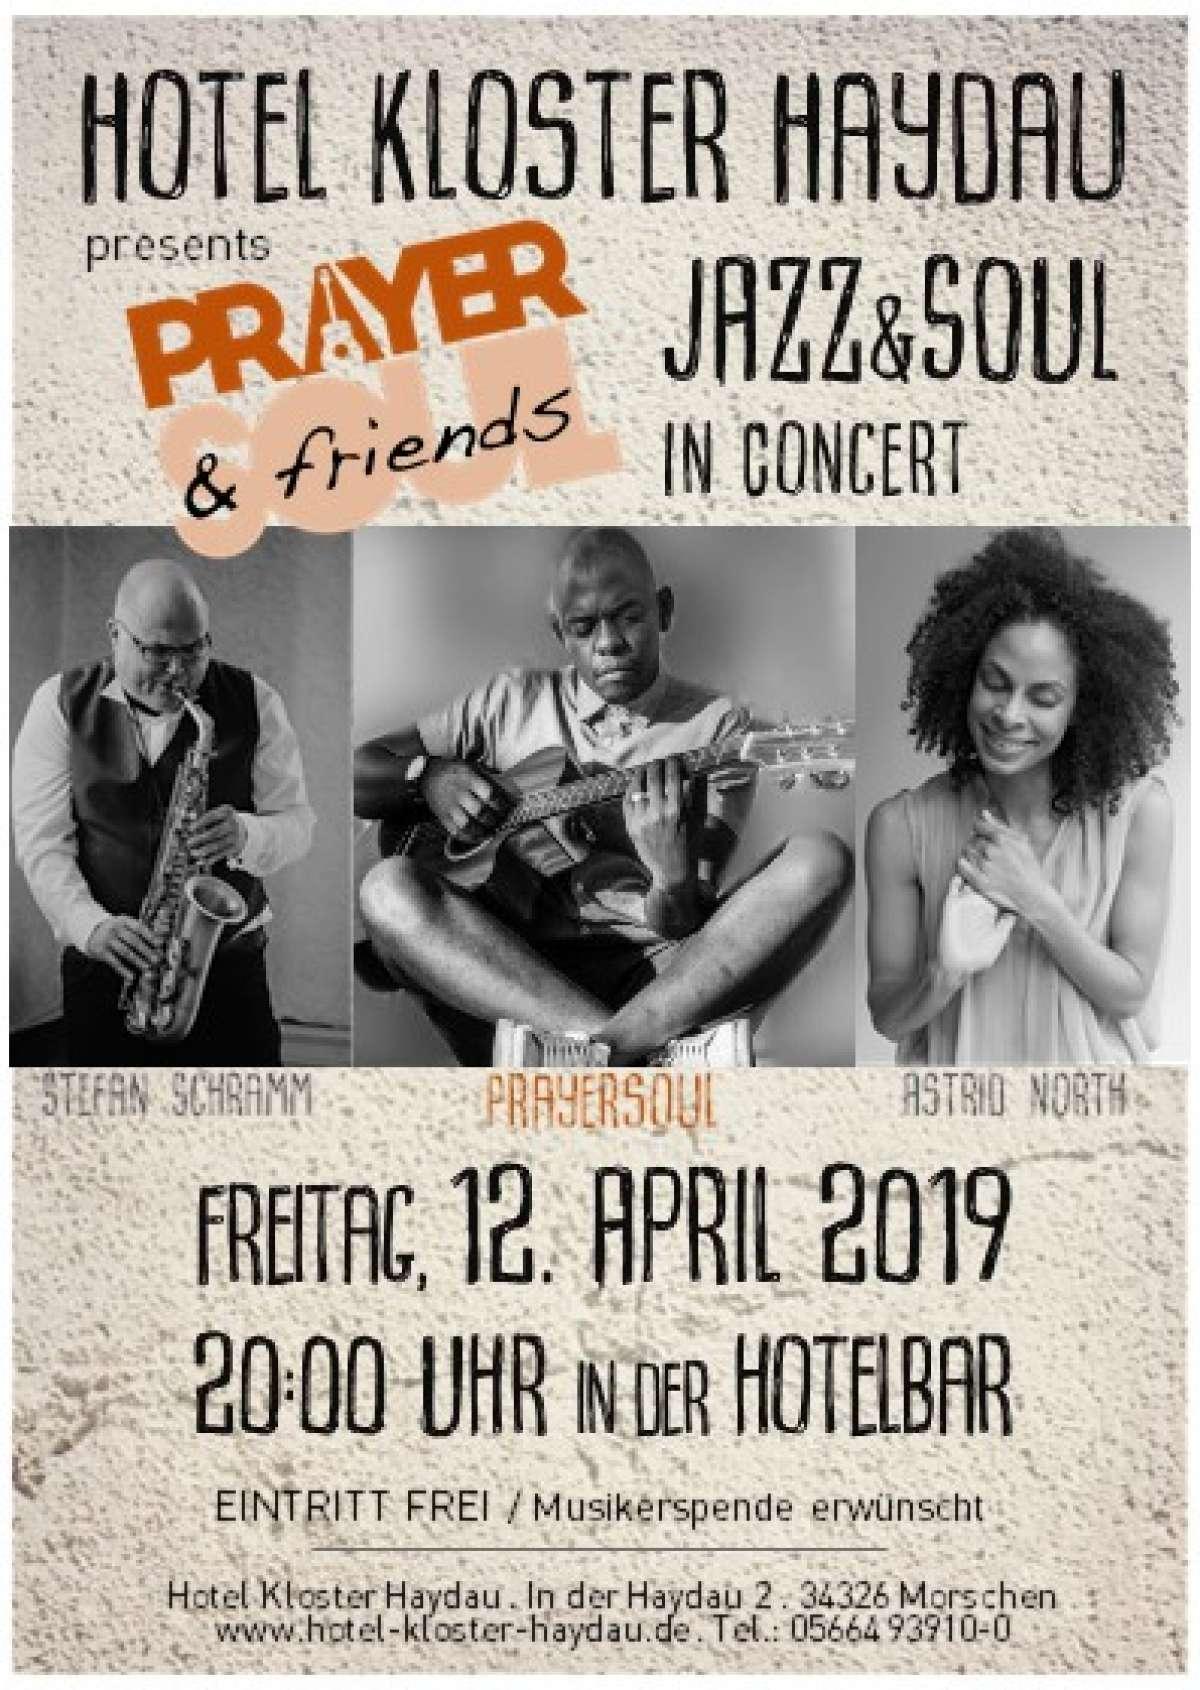 Veranstaltungen & Events am »Freitag, 12. April 2019« in deiner Nähe...